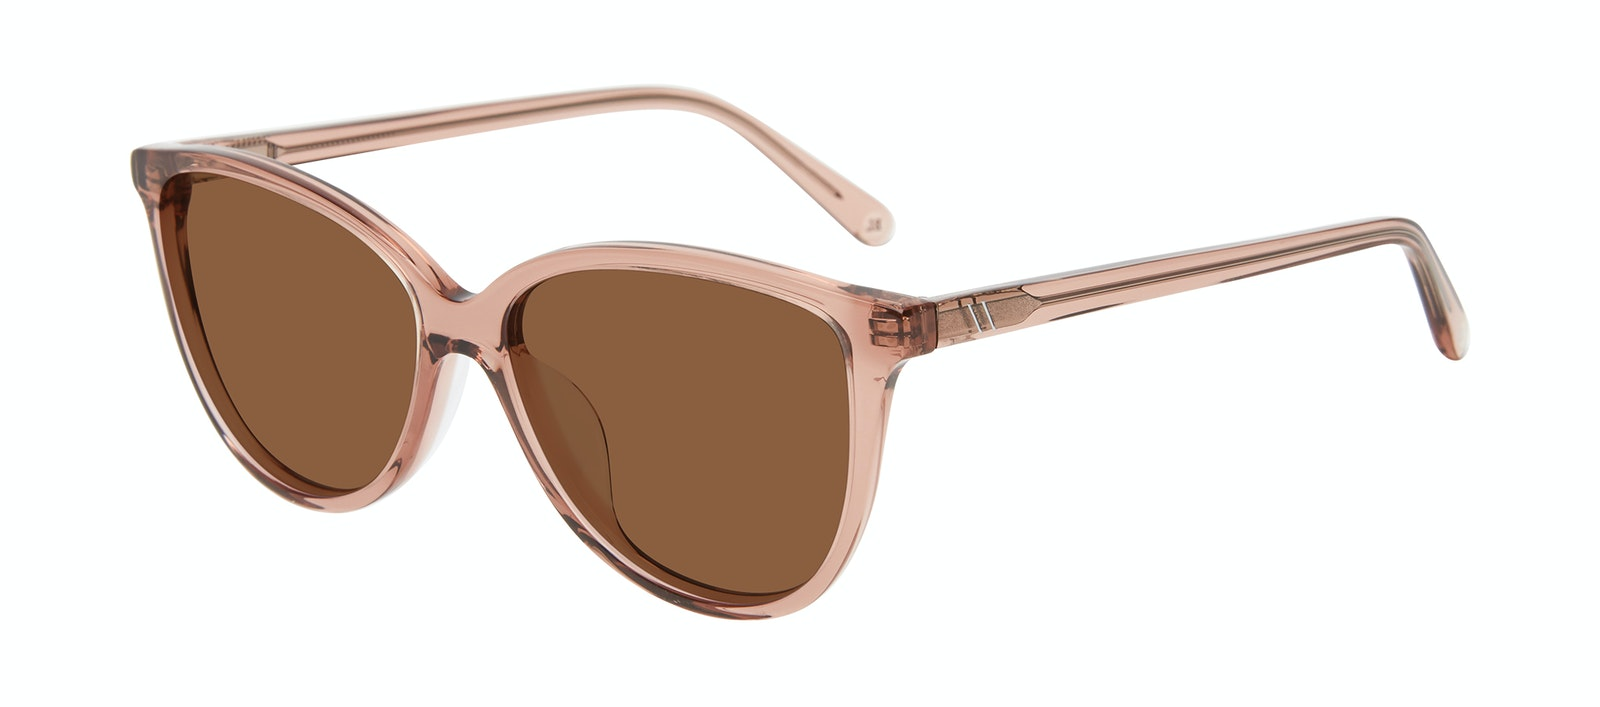 Affordable Fashion Glasses Cat Eye Sunglasses Women Tailor Rose Tilt